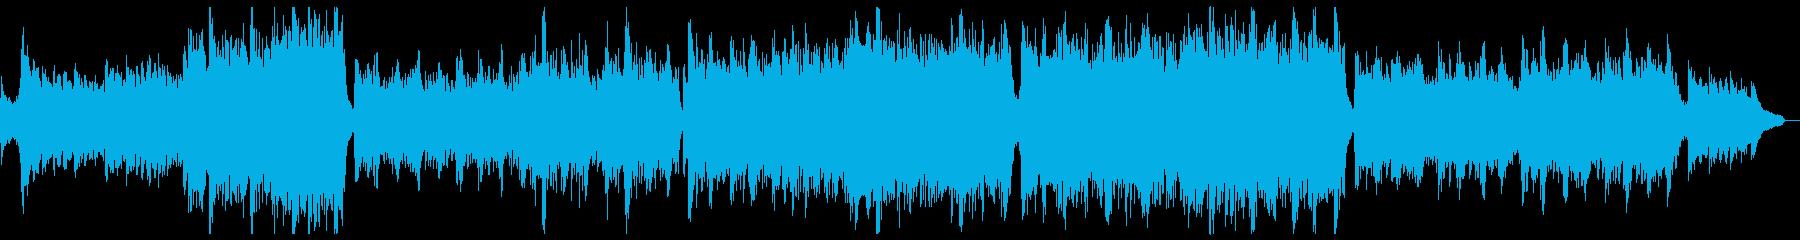 壮大な開幕プレリュード:メロディ抜きの再生済みの波形